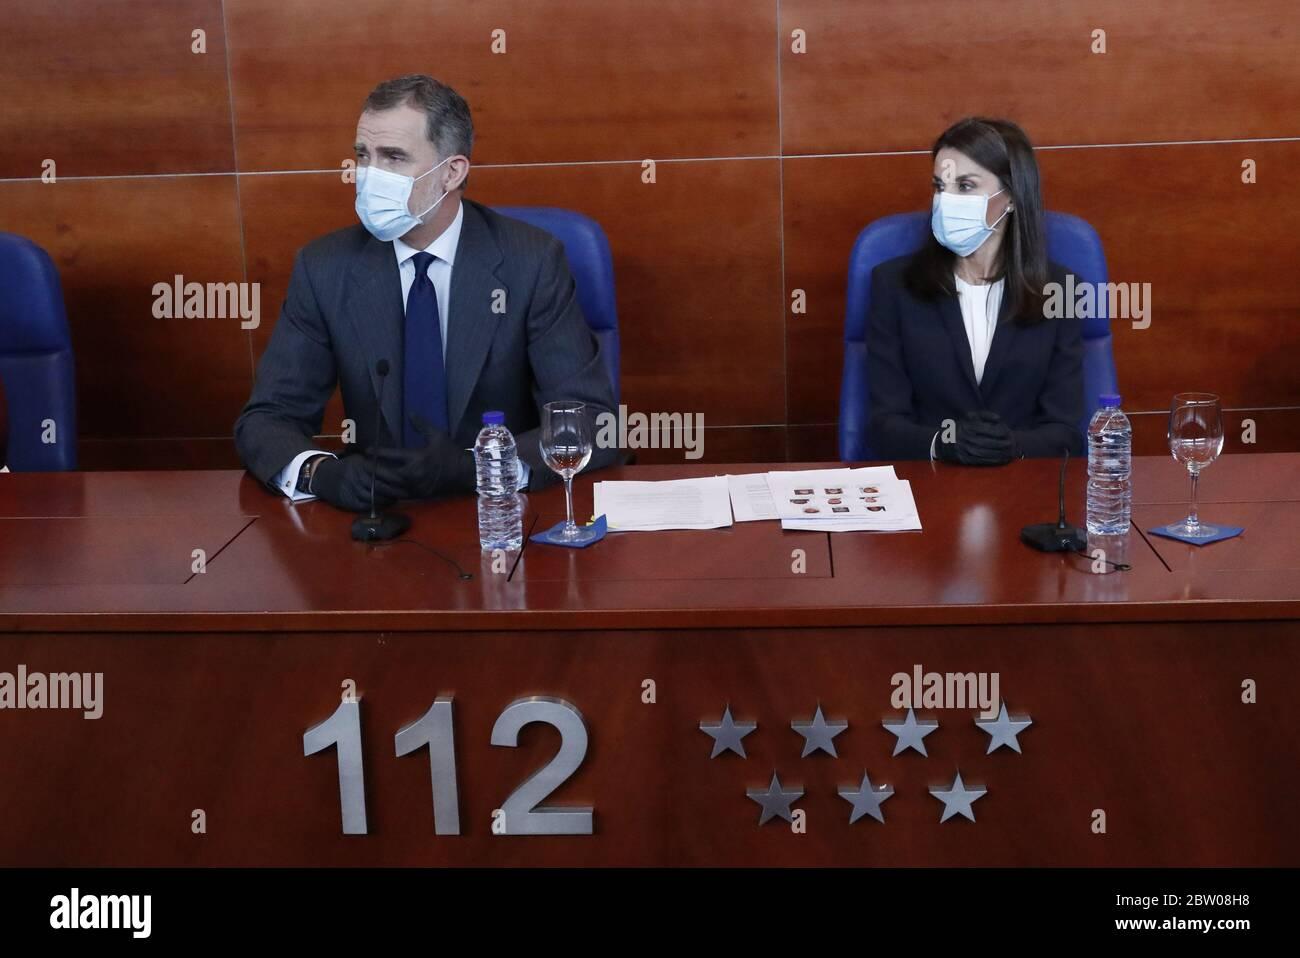 Le roi Felipe VI d'Espagne et la reine Letizia d'Espagne retournent dans leurs fonctions publiques et portent des EPI lorsqu'ils visitent les installations de Madrid, Espagne avec: Le roi Felipe VI d'Espagne, la reine Letizia d'Espagne où: Madrid, Espagne quand: 27 avril 2020 crédit: Oscar Gonzalez/WENN Banque D'Images